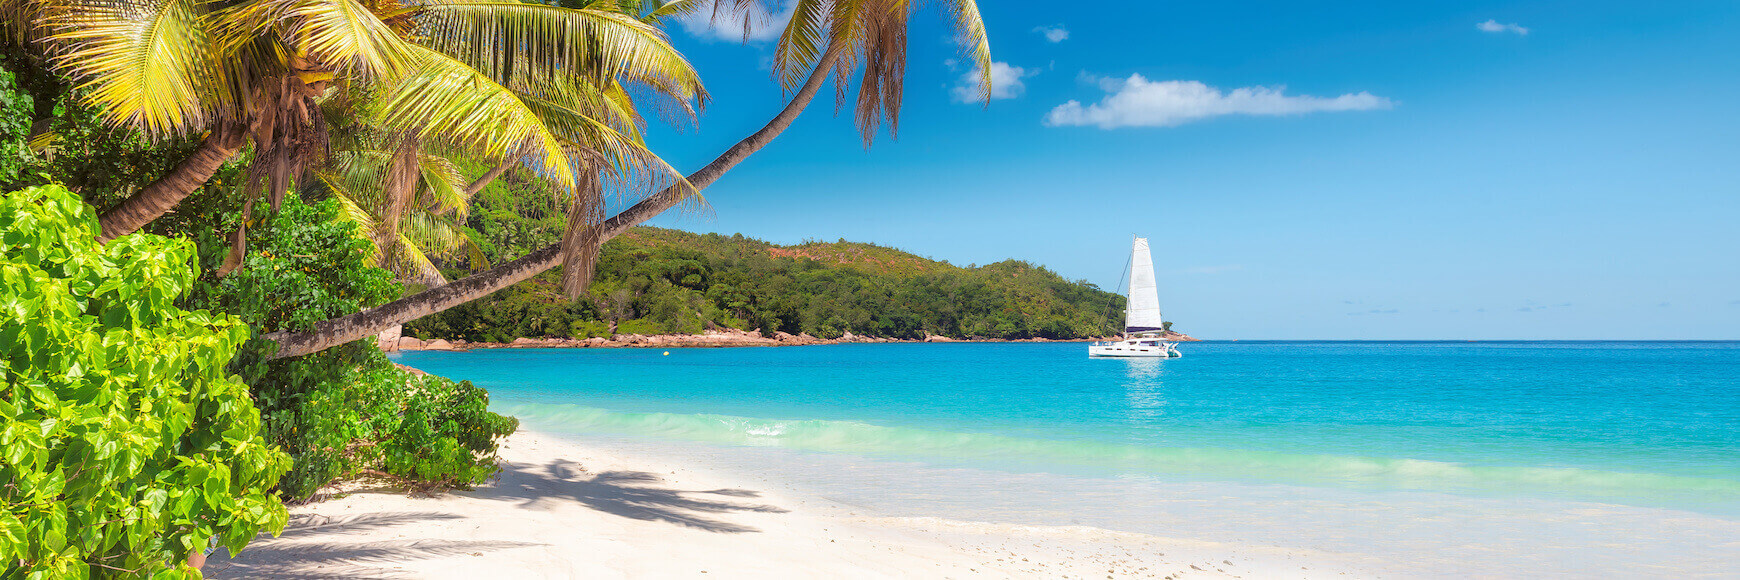 noleggio barca a vela Isole Seychelles